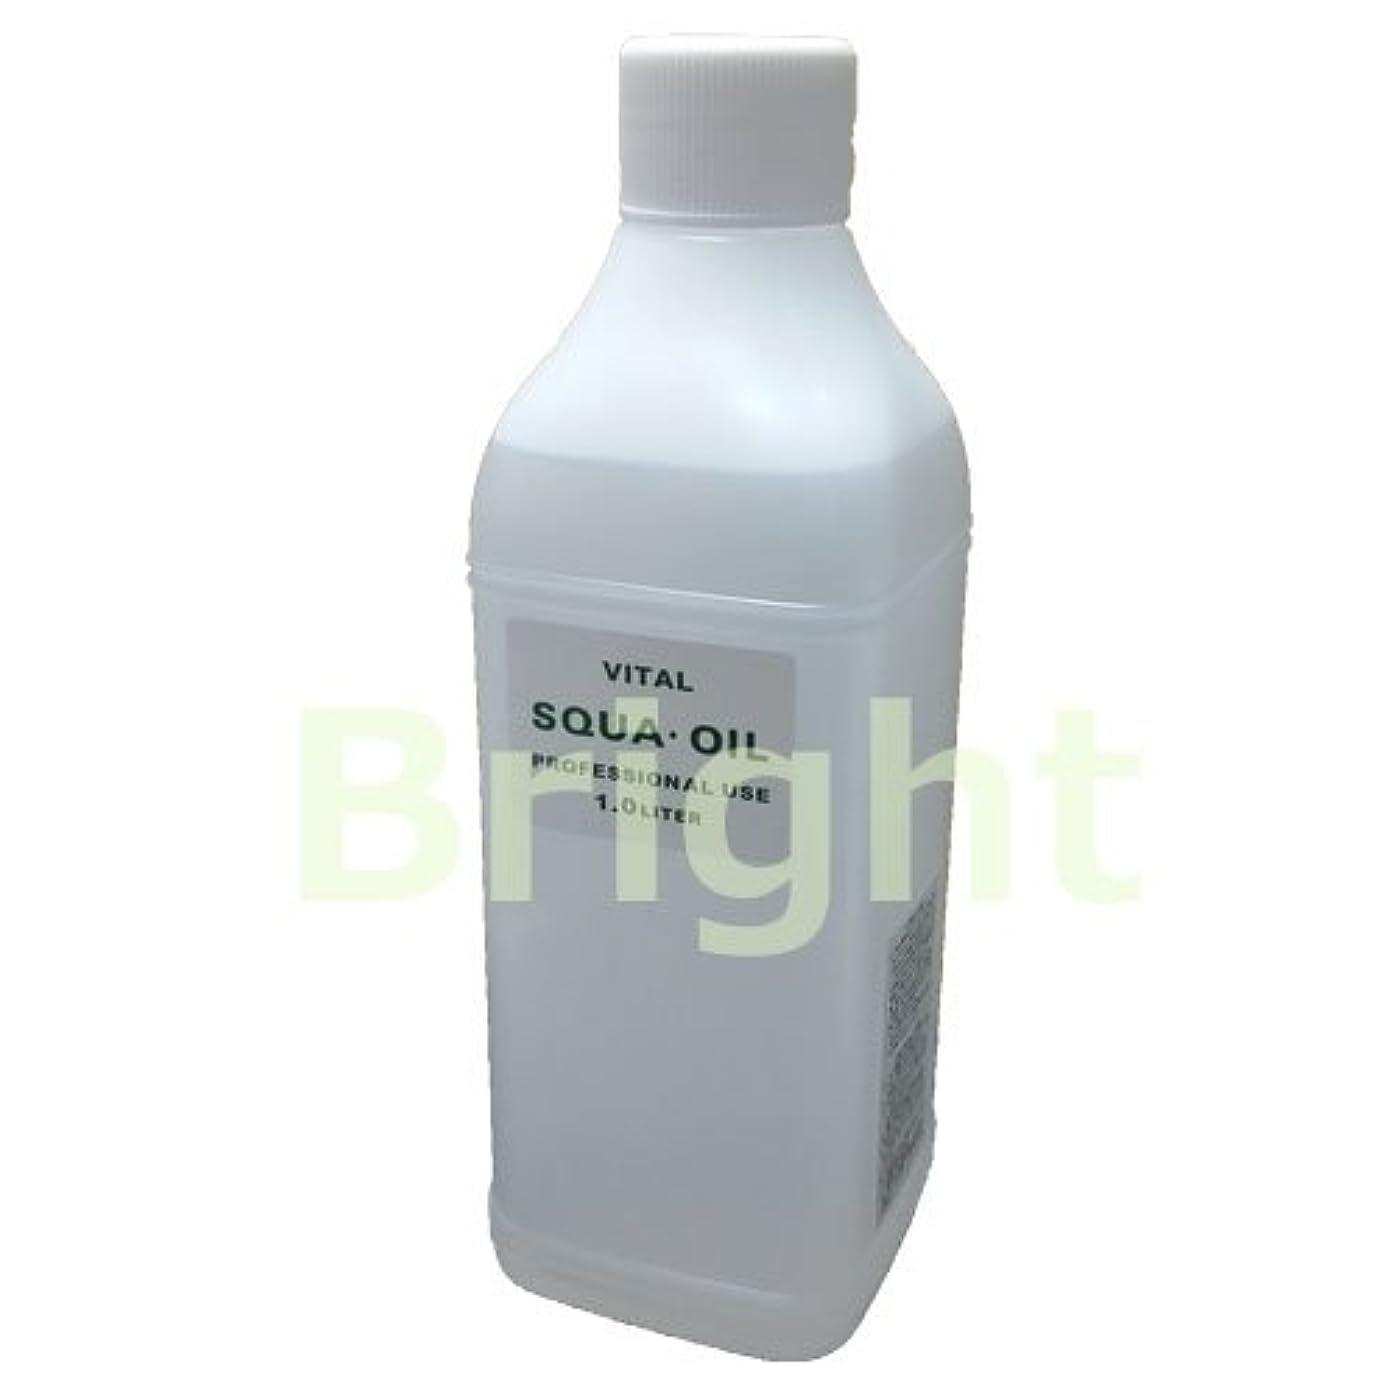 却下する十二輝くバイタルワークス スクアオイル 1000cc (マッサージ用化粧油) ジャパンバイタル